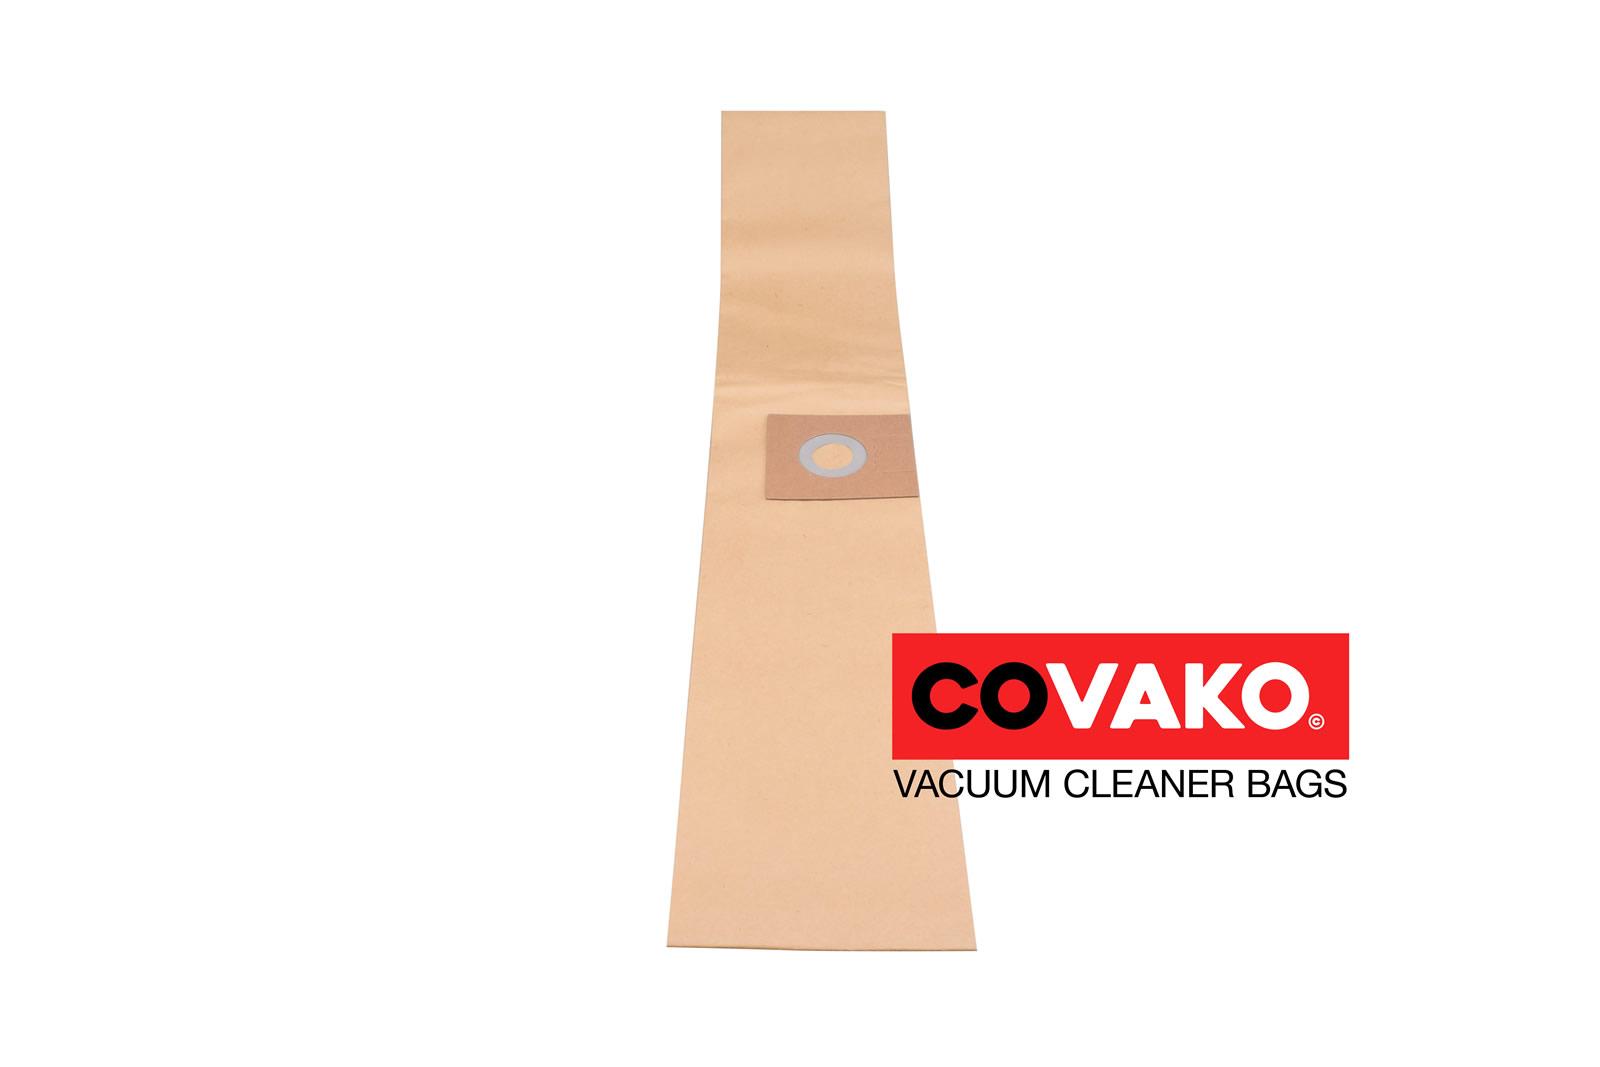 Kenter Micro S / Papier - Kenter sacs d'aspirateur